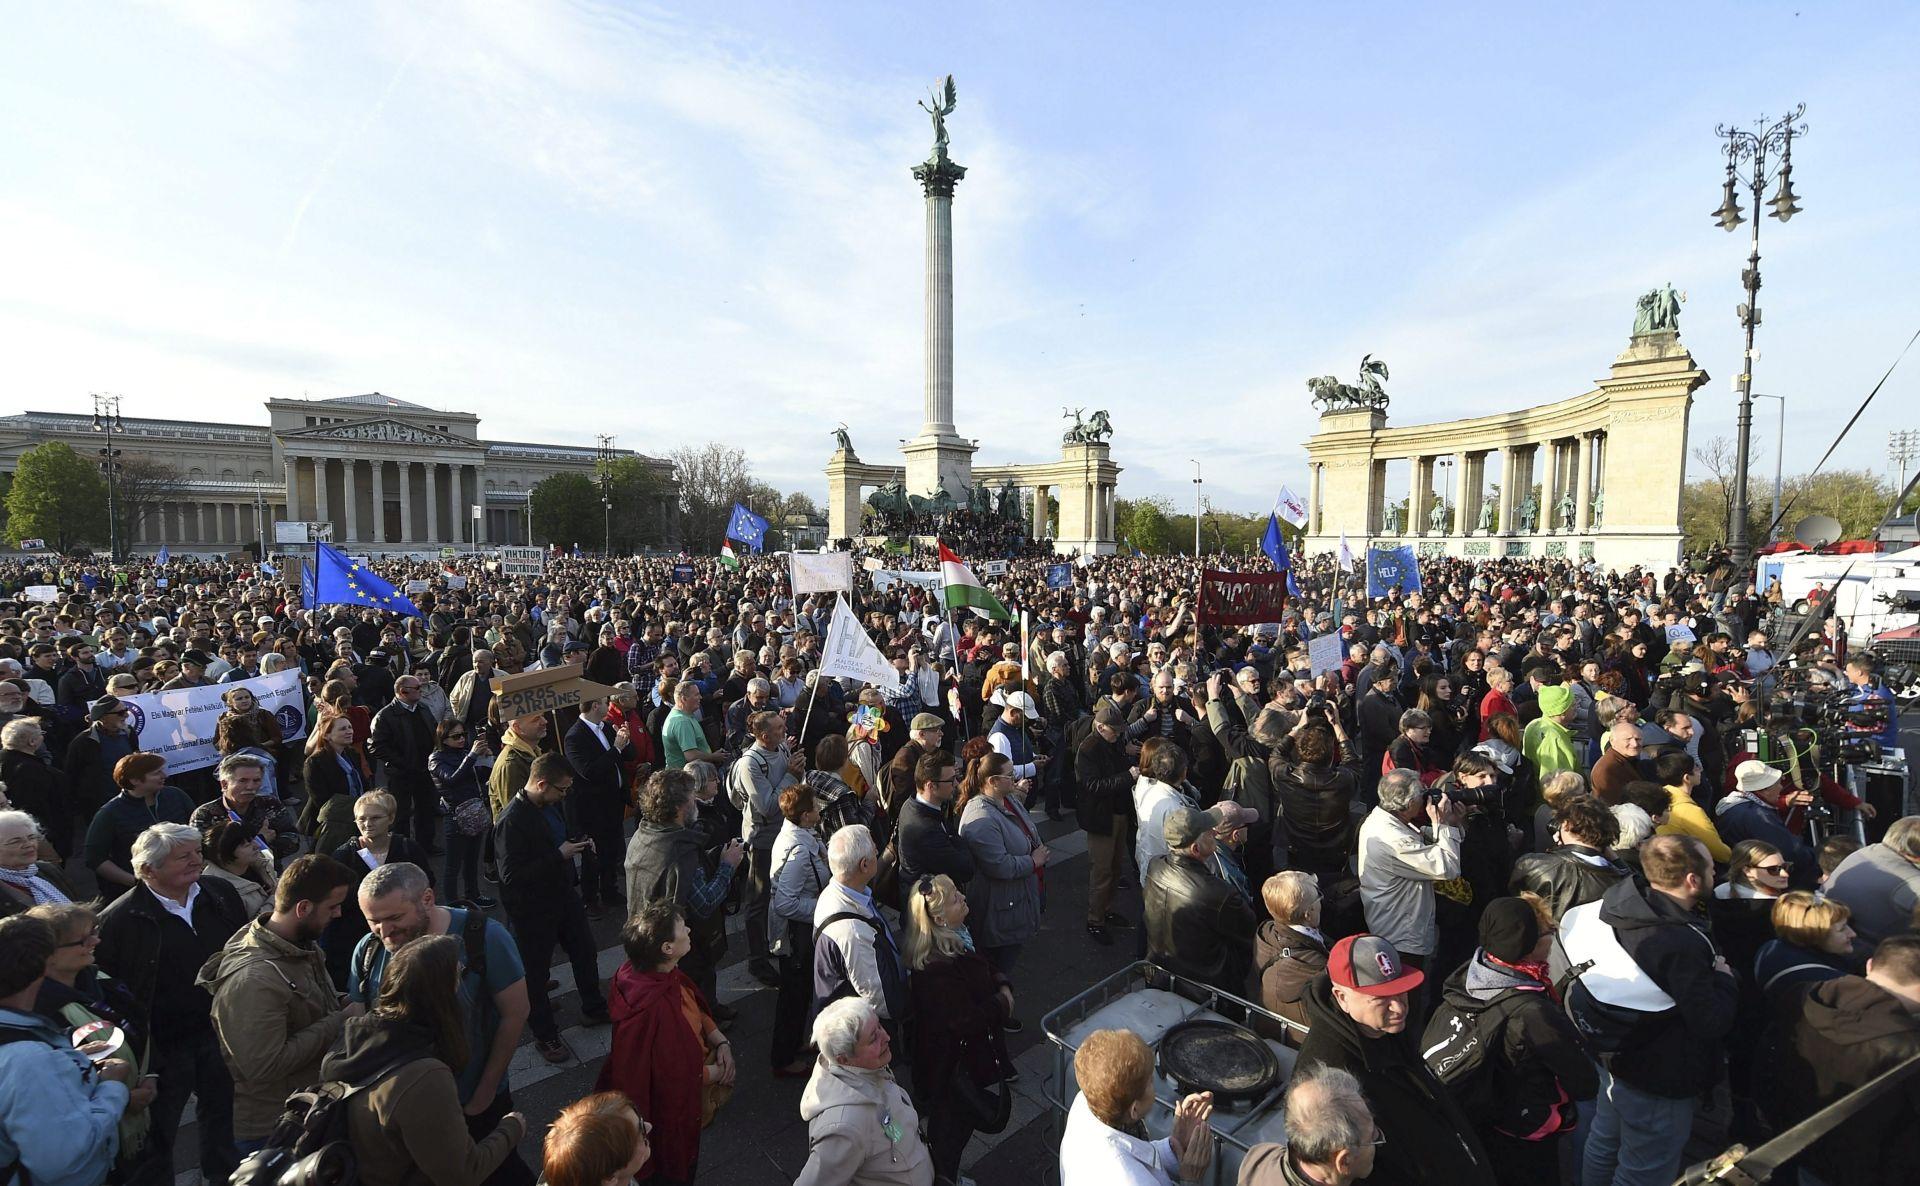 Novi prosvjedi u Budimpešti protiv Orbana